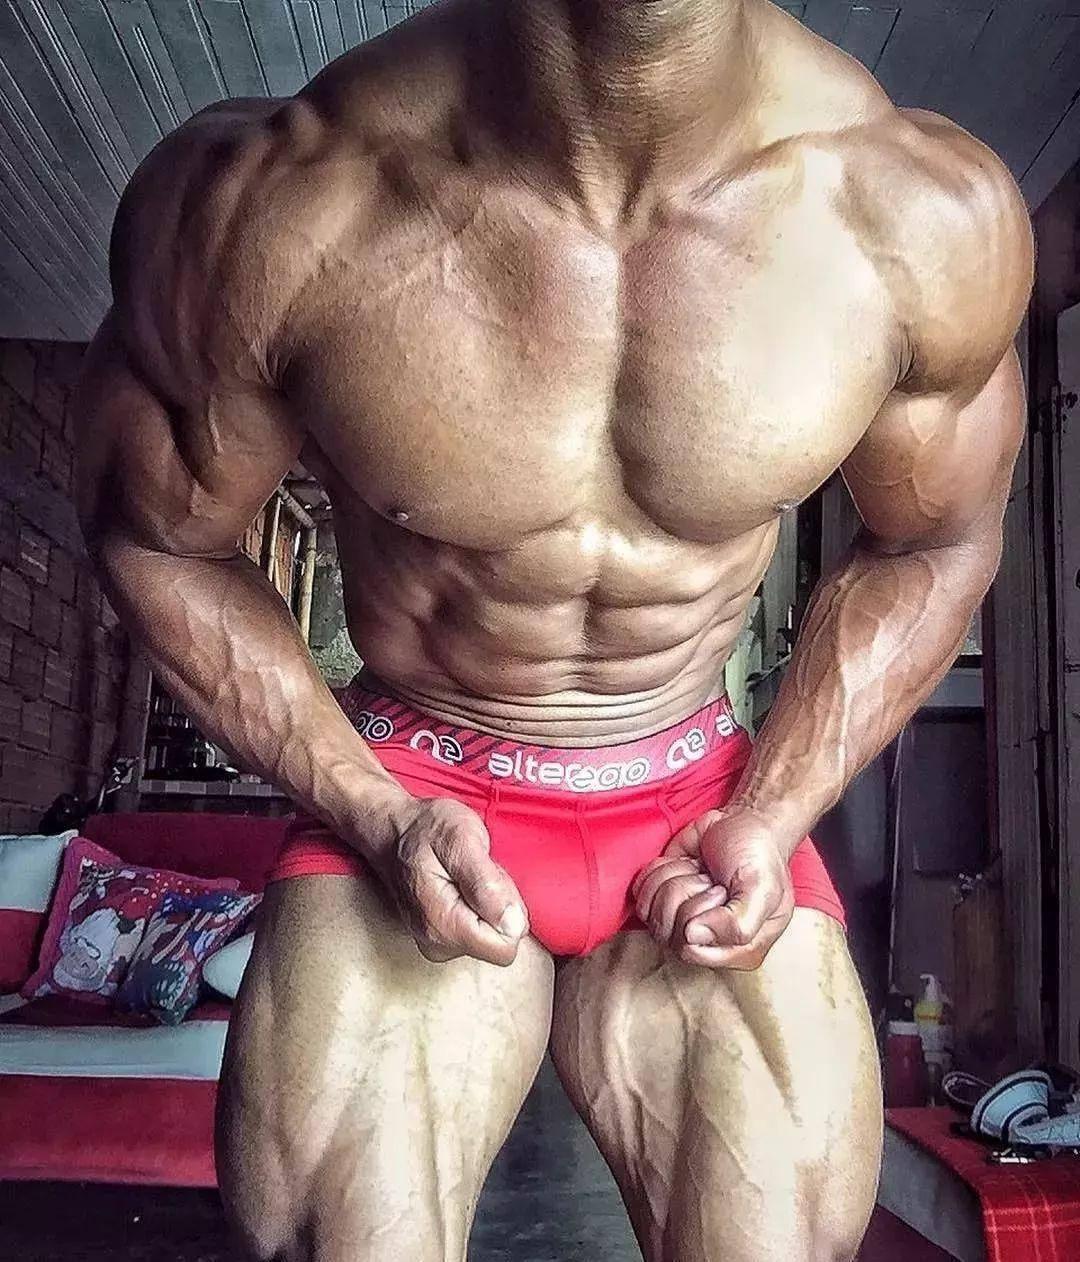 练了这么久腹肌,还不见轮廓,到底为什么?